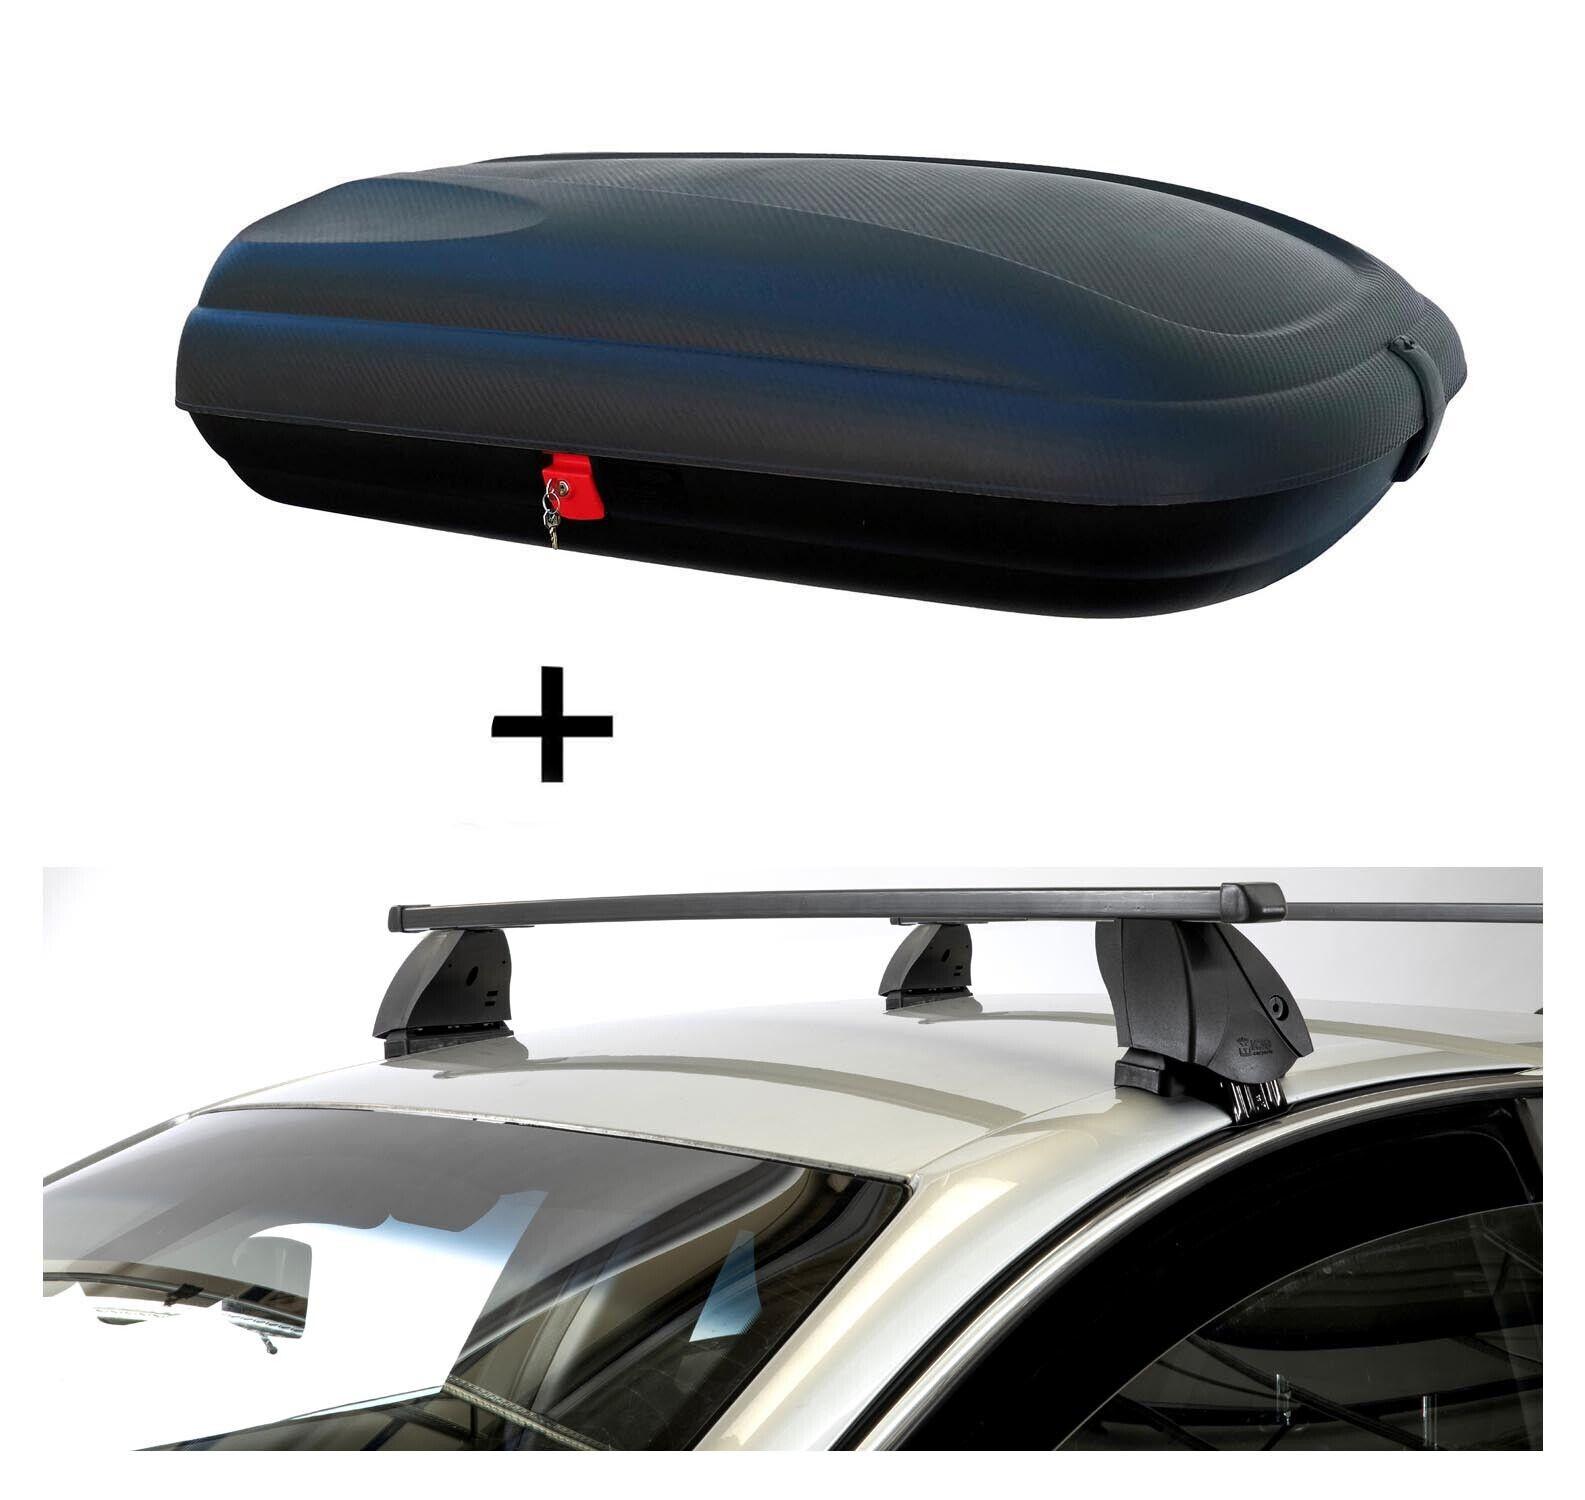 Dachbox VDPBA320L carbonlookDachträger K1M für Mazda Cx-5 5Türer ab 17